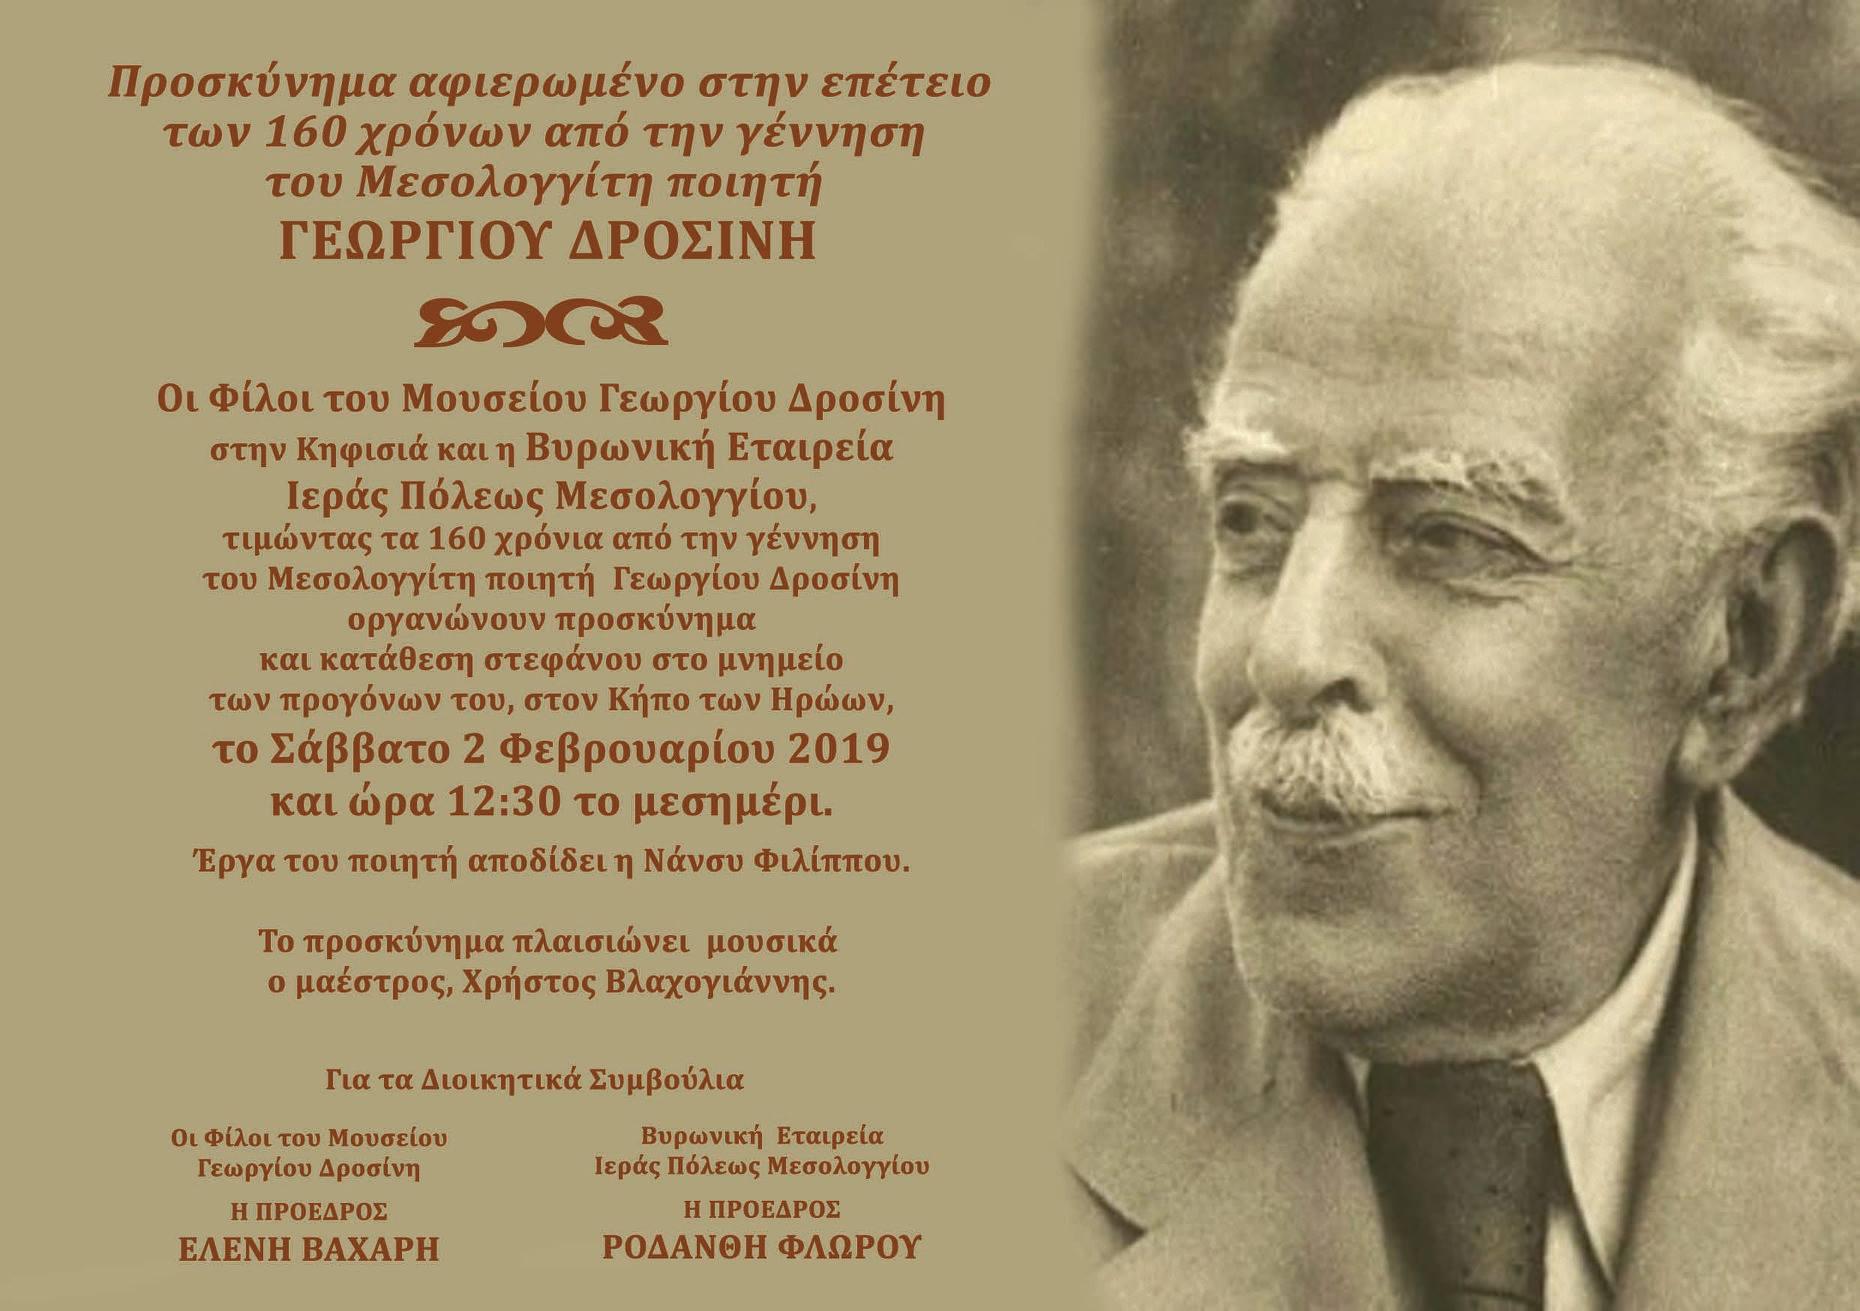 Προσκύνημα αφιερωμένο στην επέτειο των 160 χρόνων από την γέννηση του Μεσολογγίτη ποιητή Γεωργίου Δροσίνη